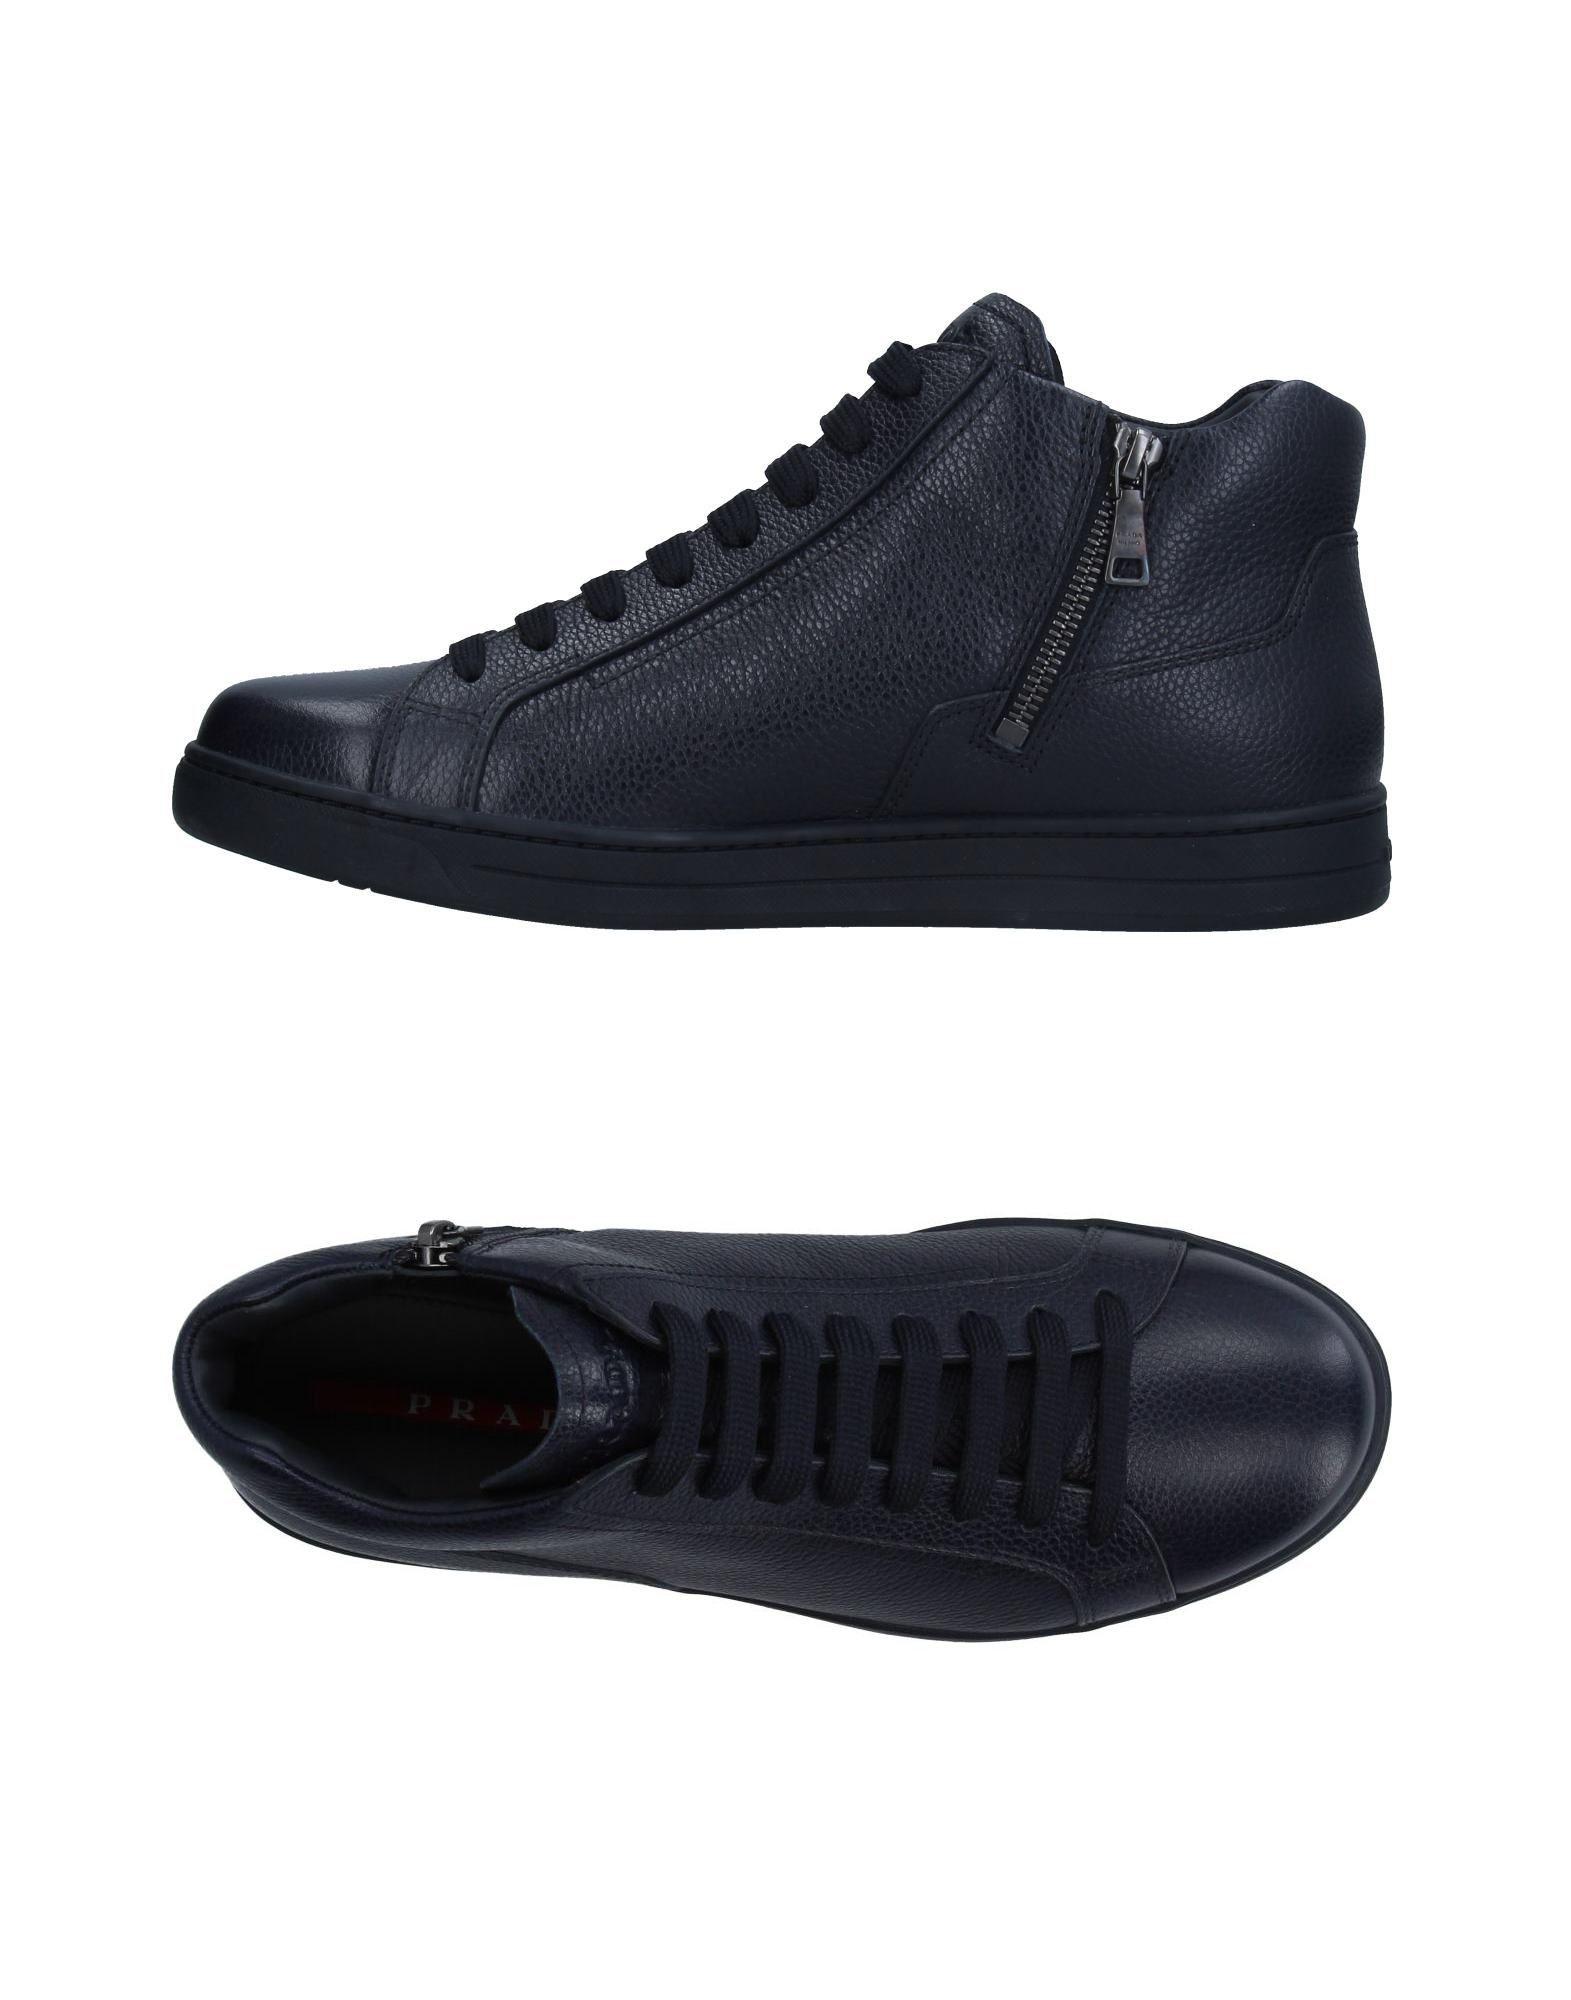 Prada Sport Sneakers Herren  11260639XS Gute Qualität beliebte Schuhe